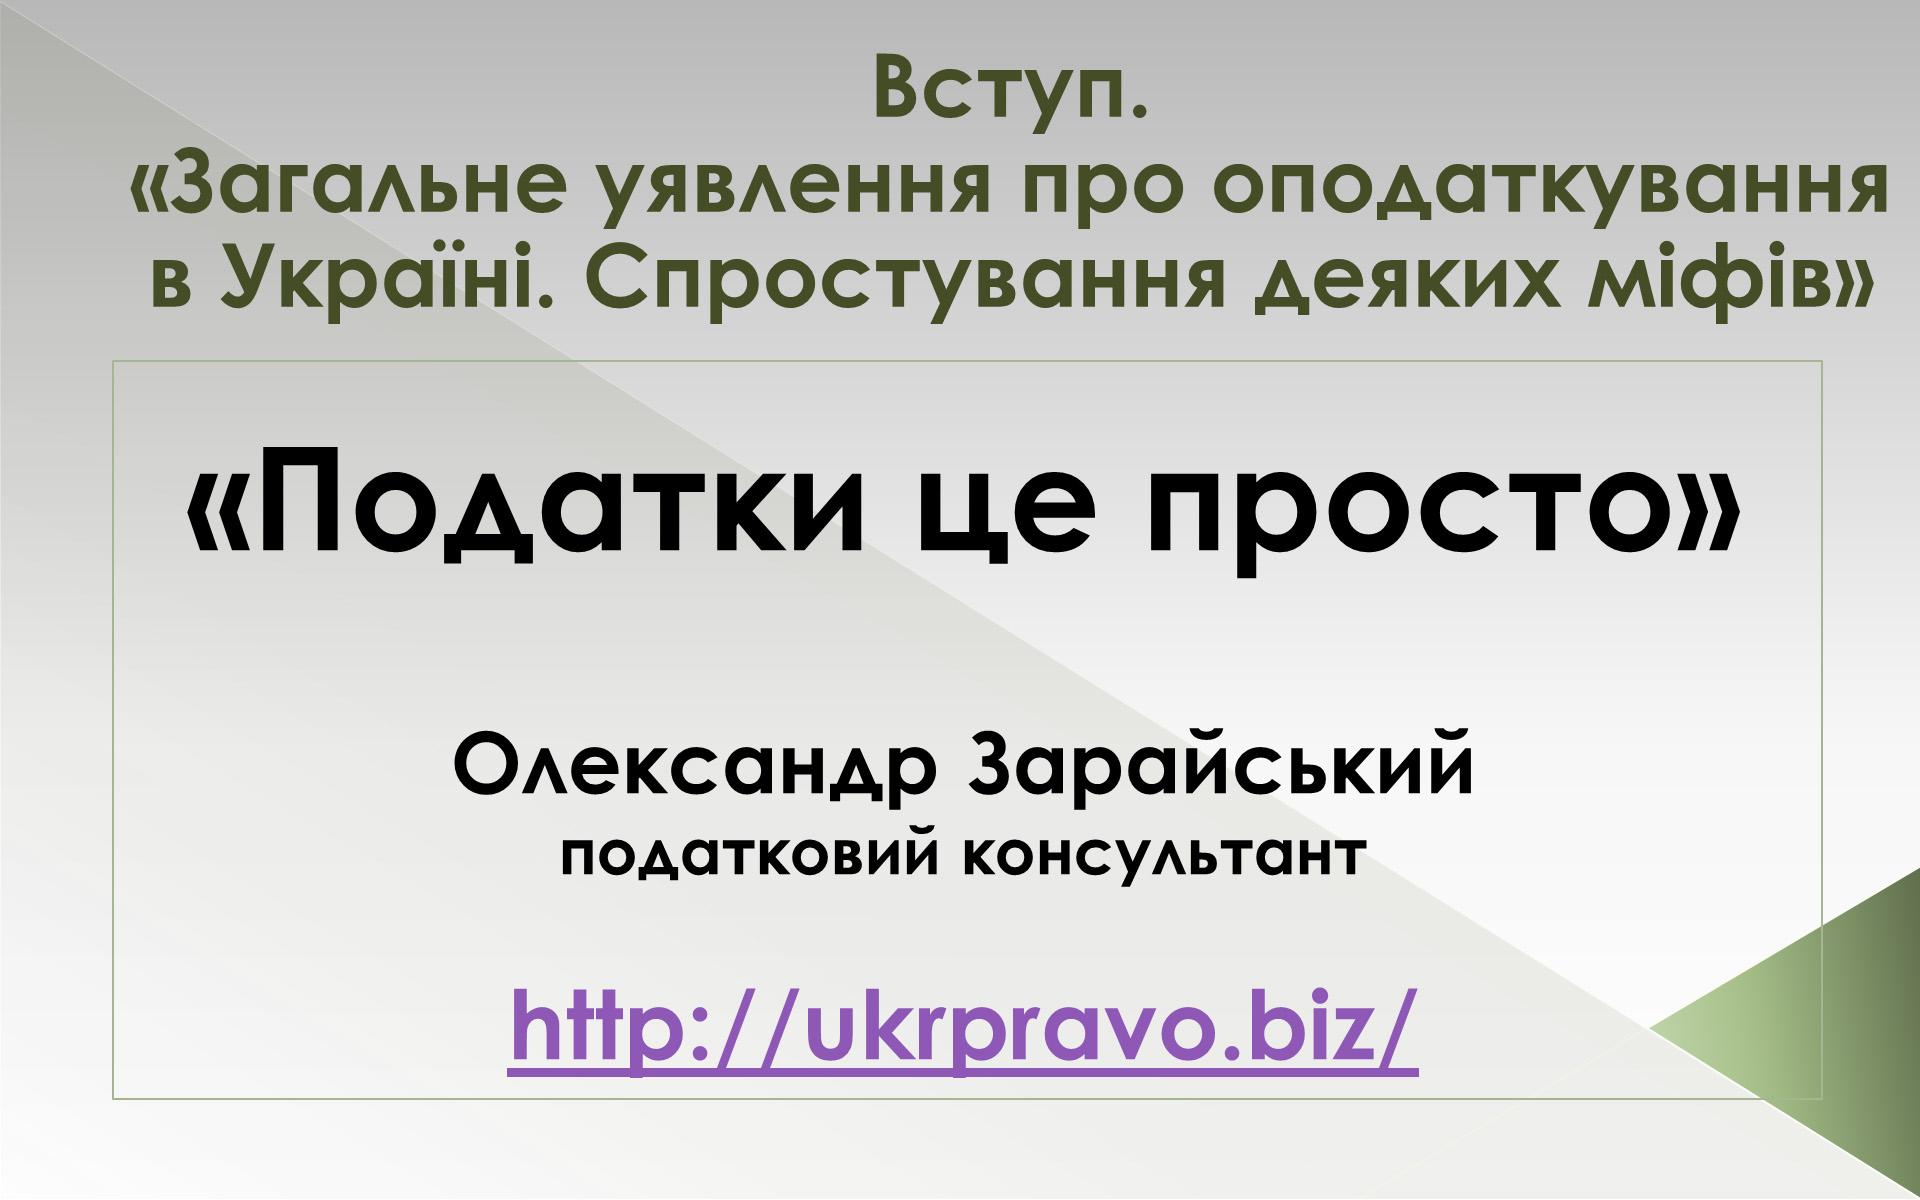 Общее представление о системе налогообложения в Украине